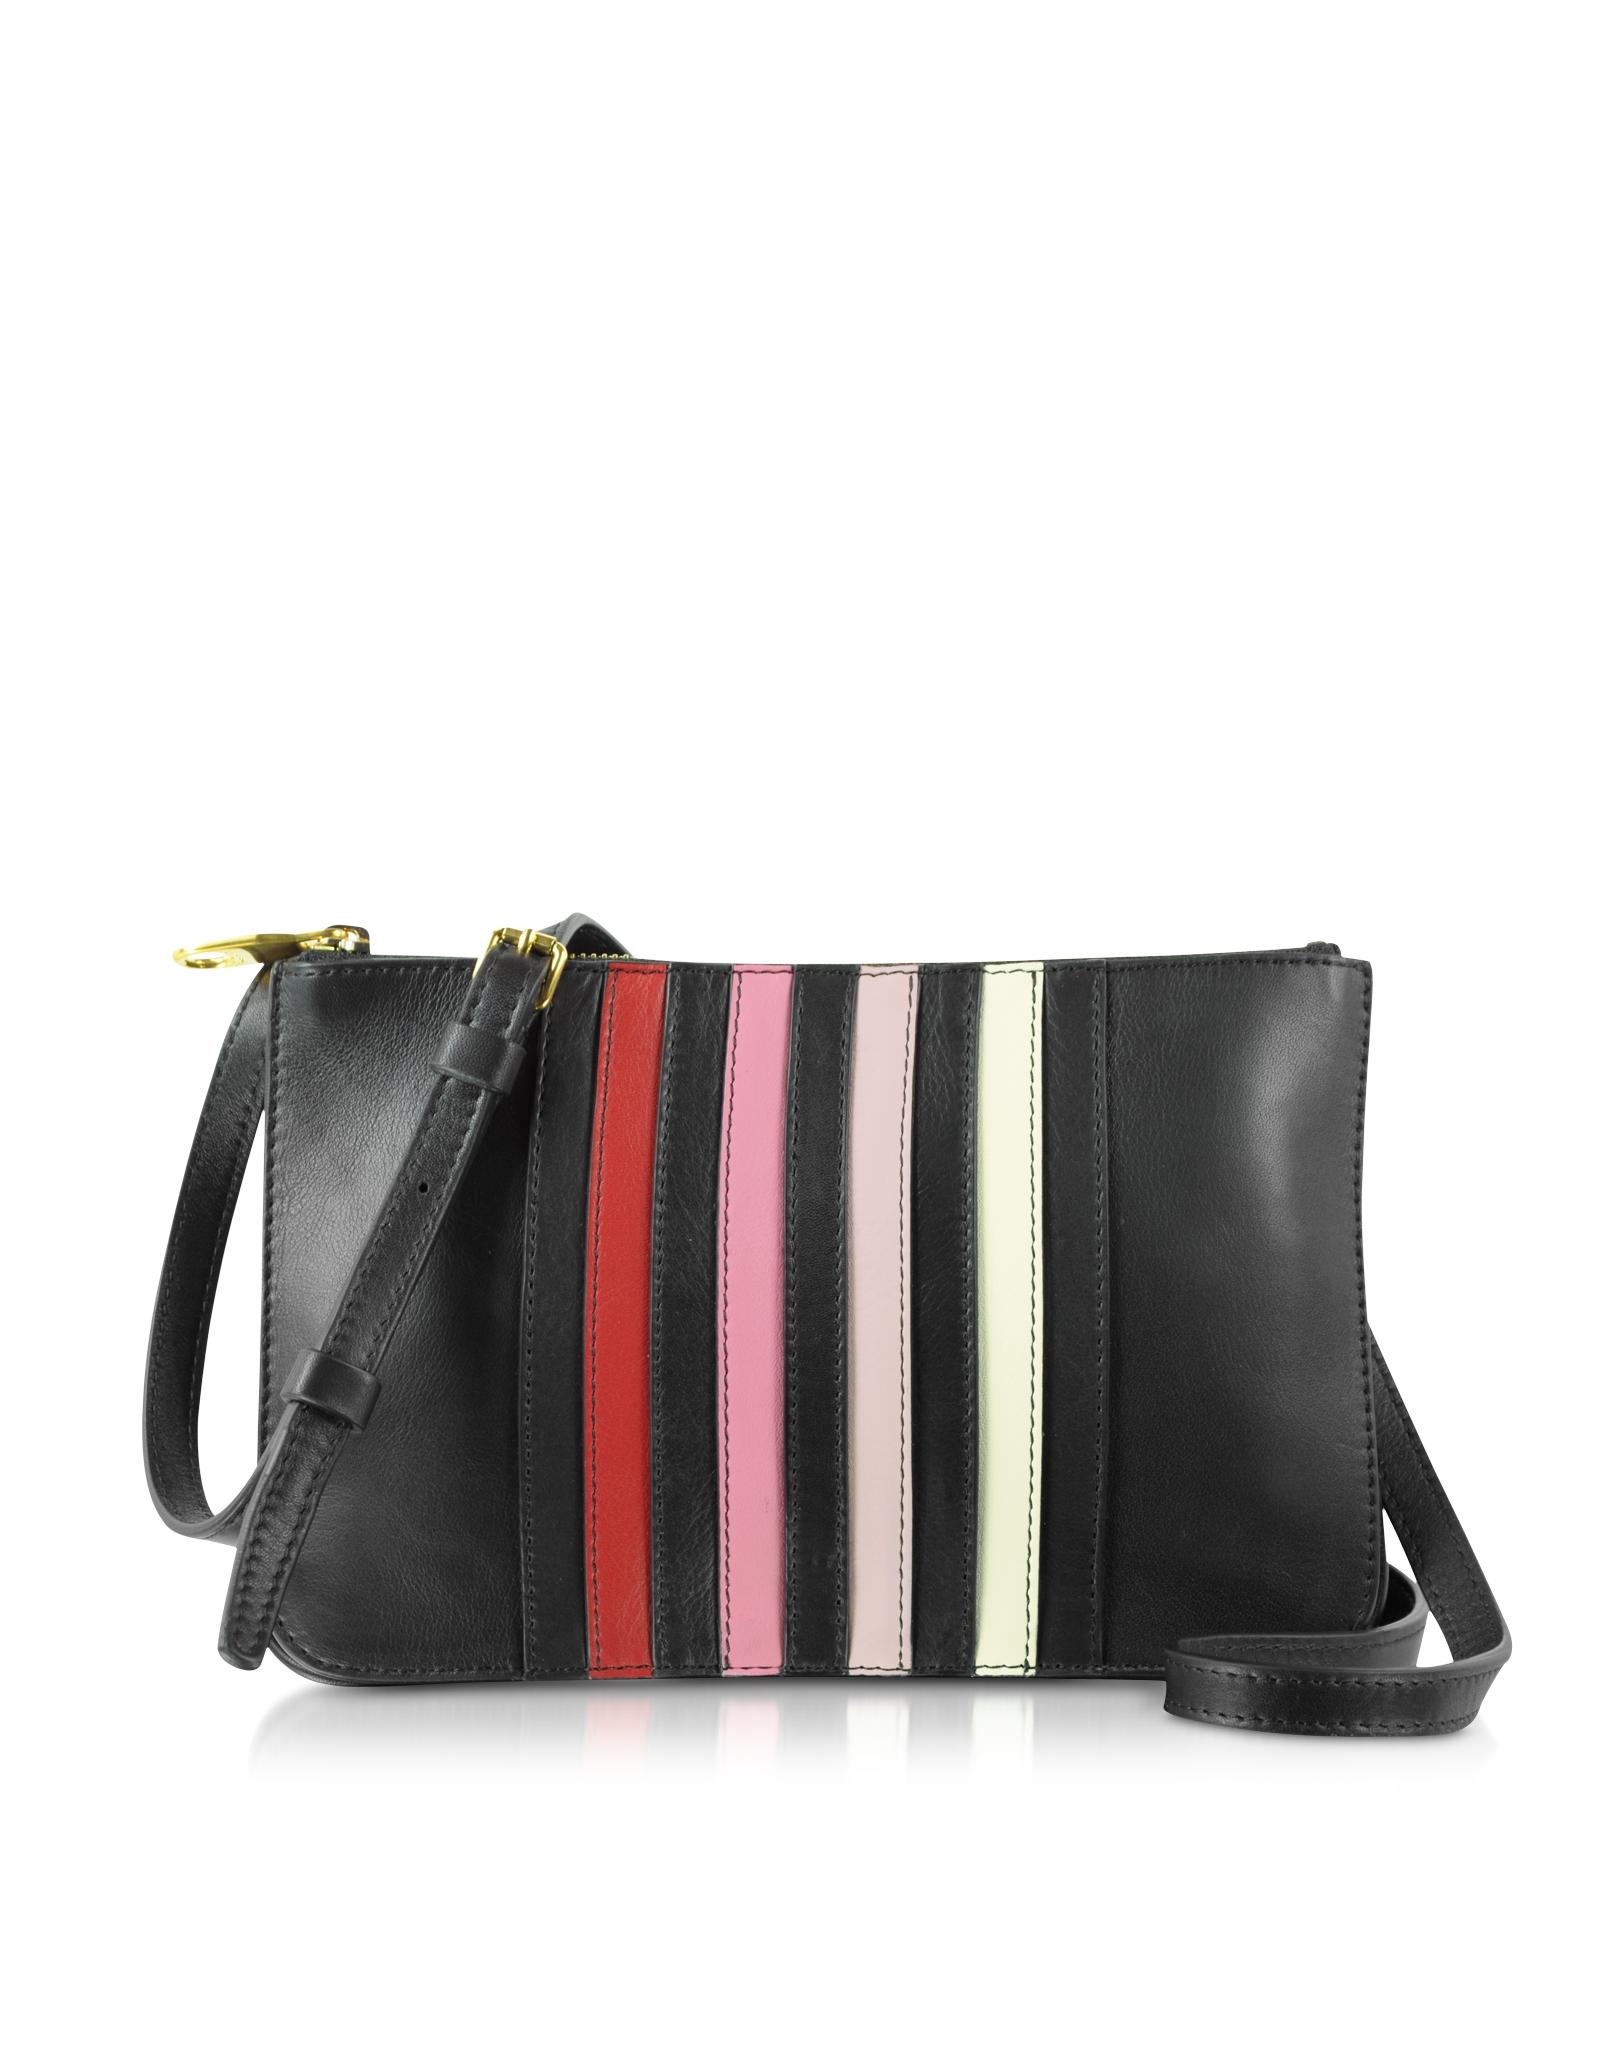 Rykiel Leather Lucien Sonia Crossbody Striped Lyst Bag Black 5w1fvRnxq